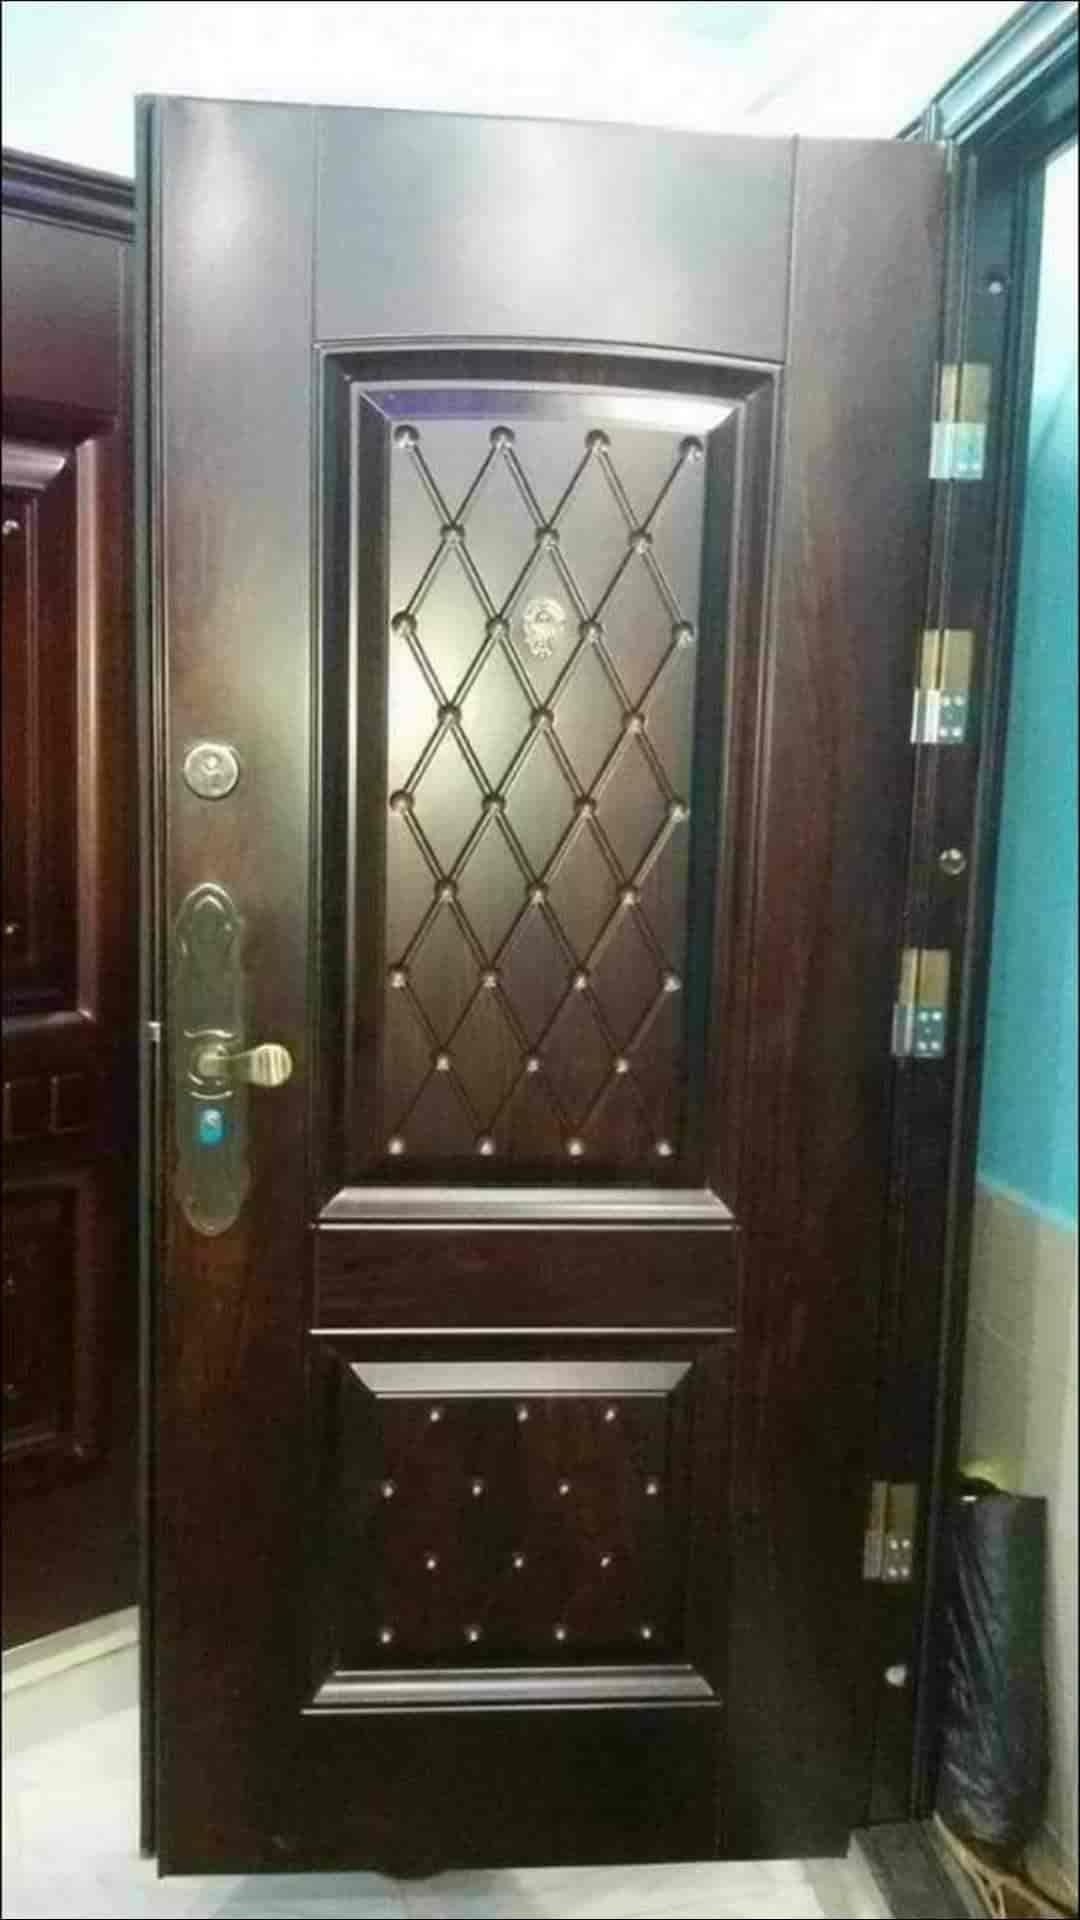 Raja Ram Timber Merchants (Master Doors) - Wooden Door Dealers in Ludhiana - Justdial & Raja Ram Timber Merchants (Master Doors) - Wooden Door Dealers in ...